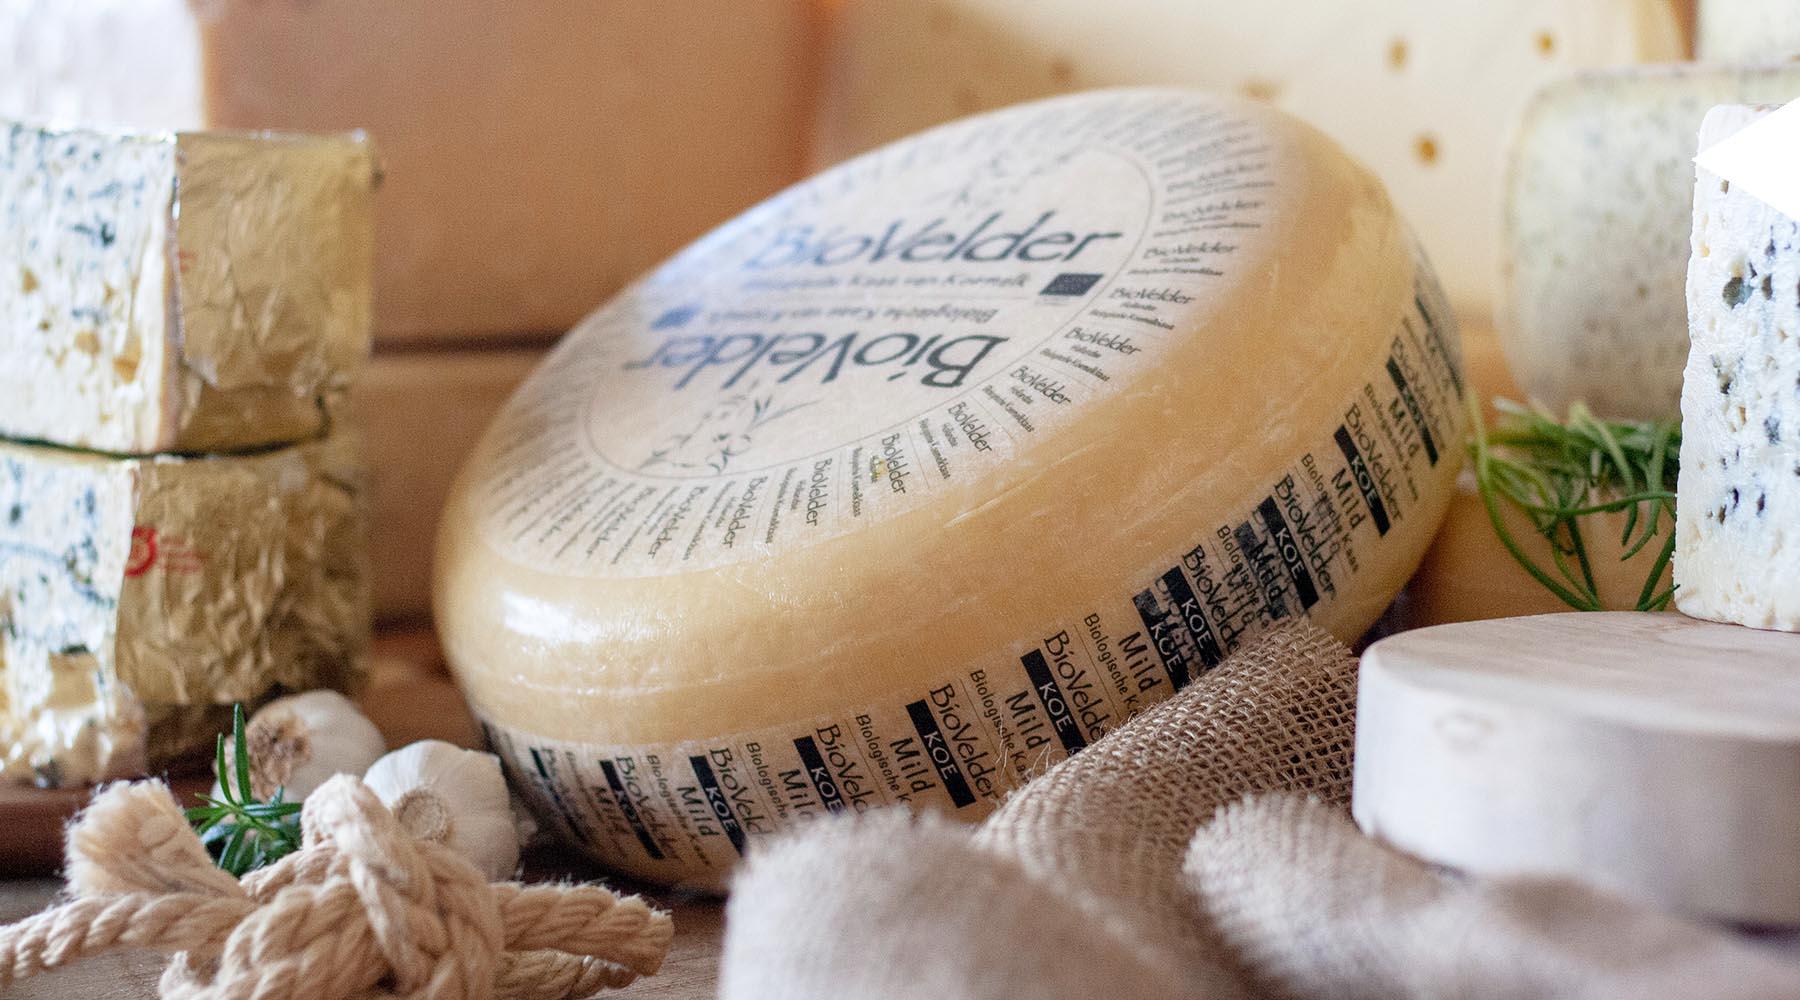 MAAZ Cheese biologische kaas